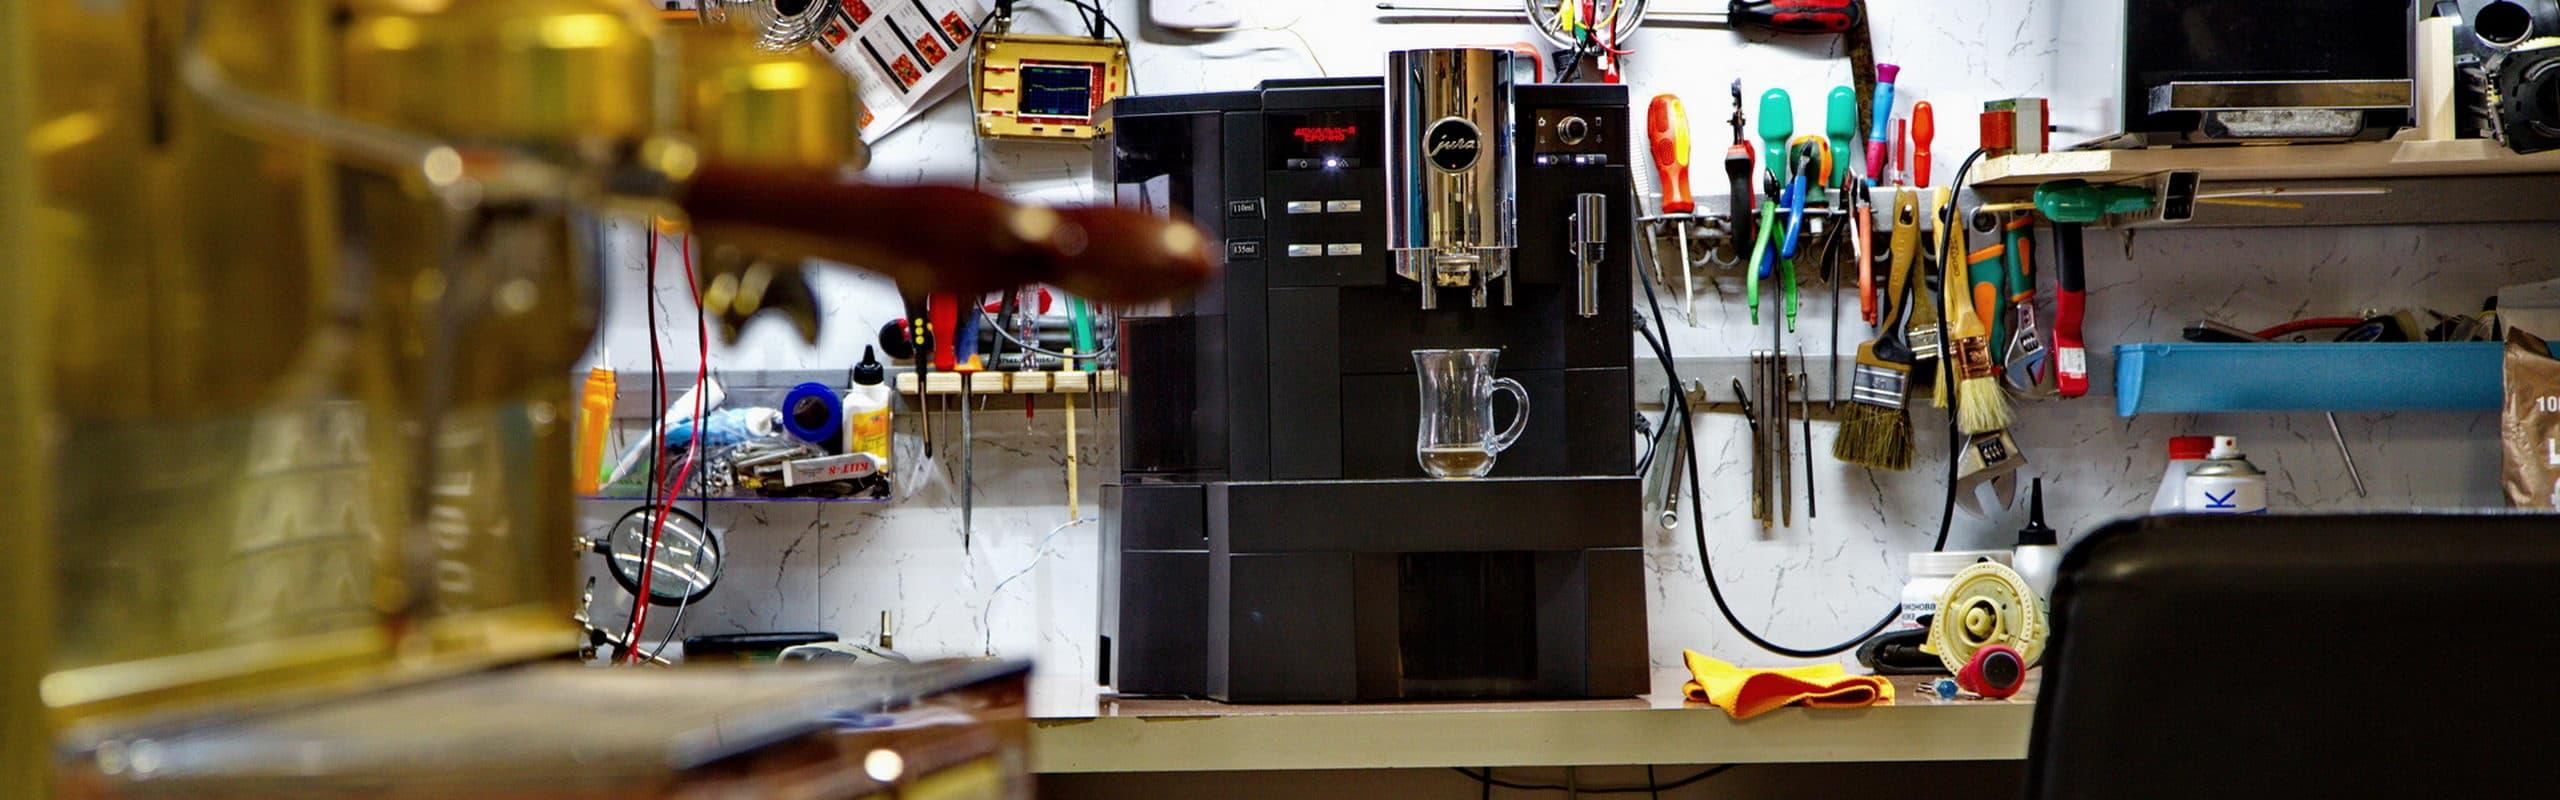 Ремонт кофемашин и кофеварок в мастерской